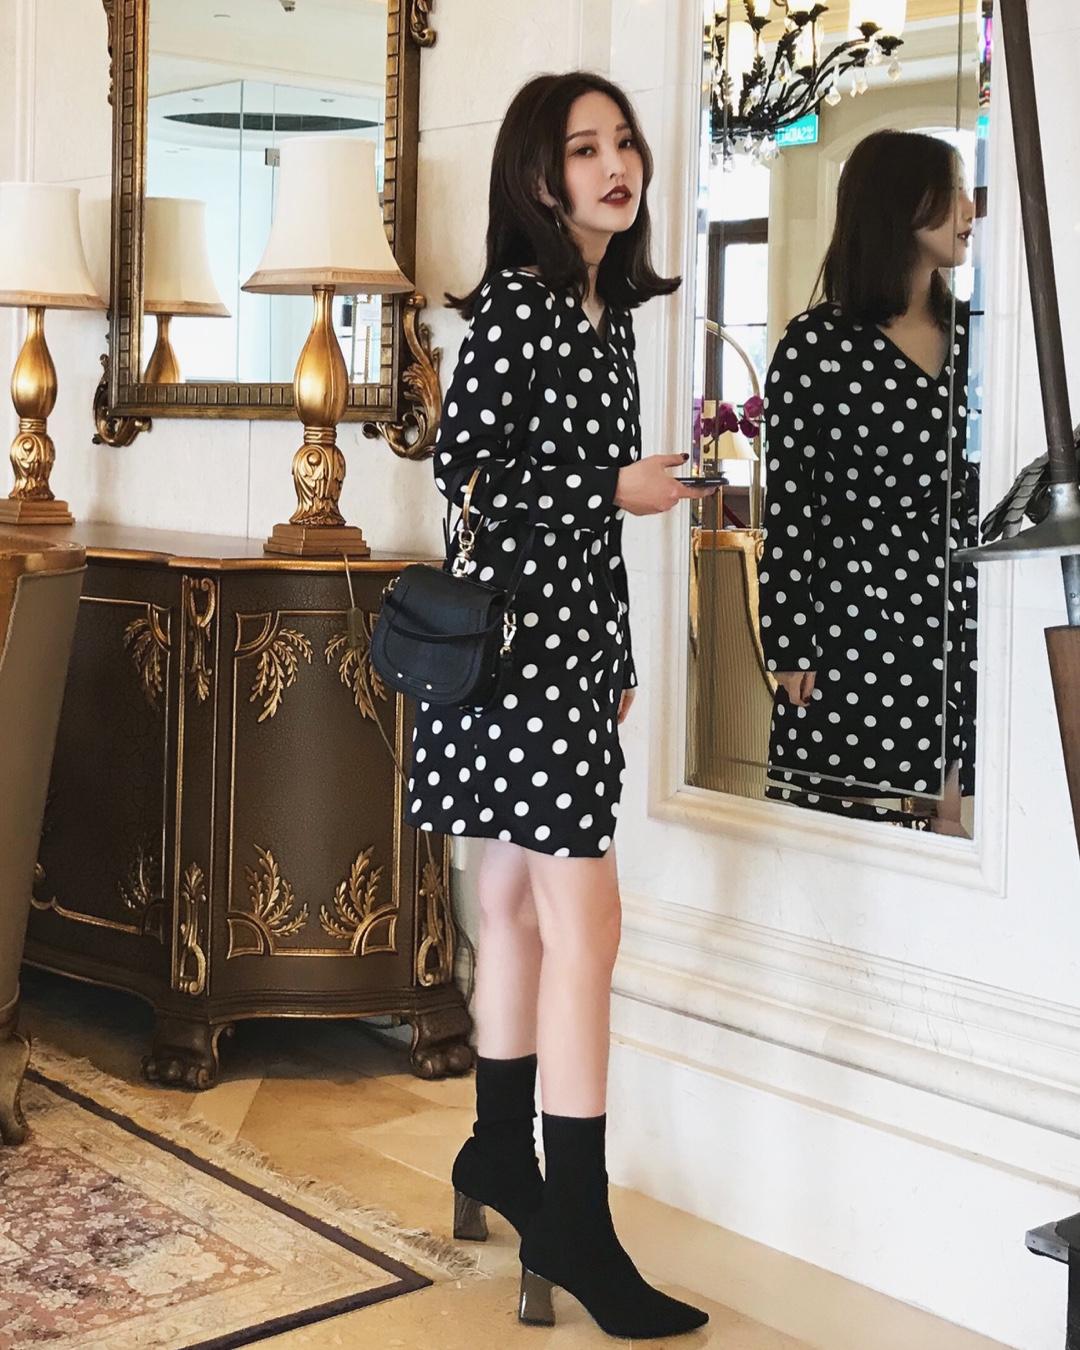 复古的波点在哪儿都流行 这款是有光泽度的波点面料 显得衣服特别的优雅气质 裙摆的部分做了开衩的设计 显得腿超长哦 并且还有内衬 非常完美啦 #一定要买!白到发光~#